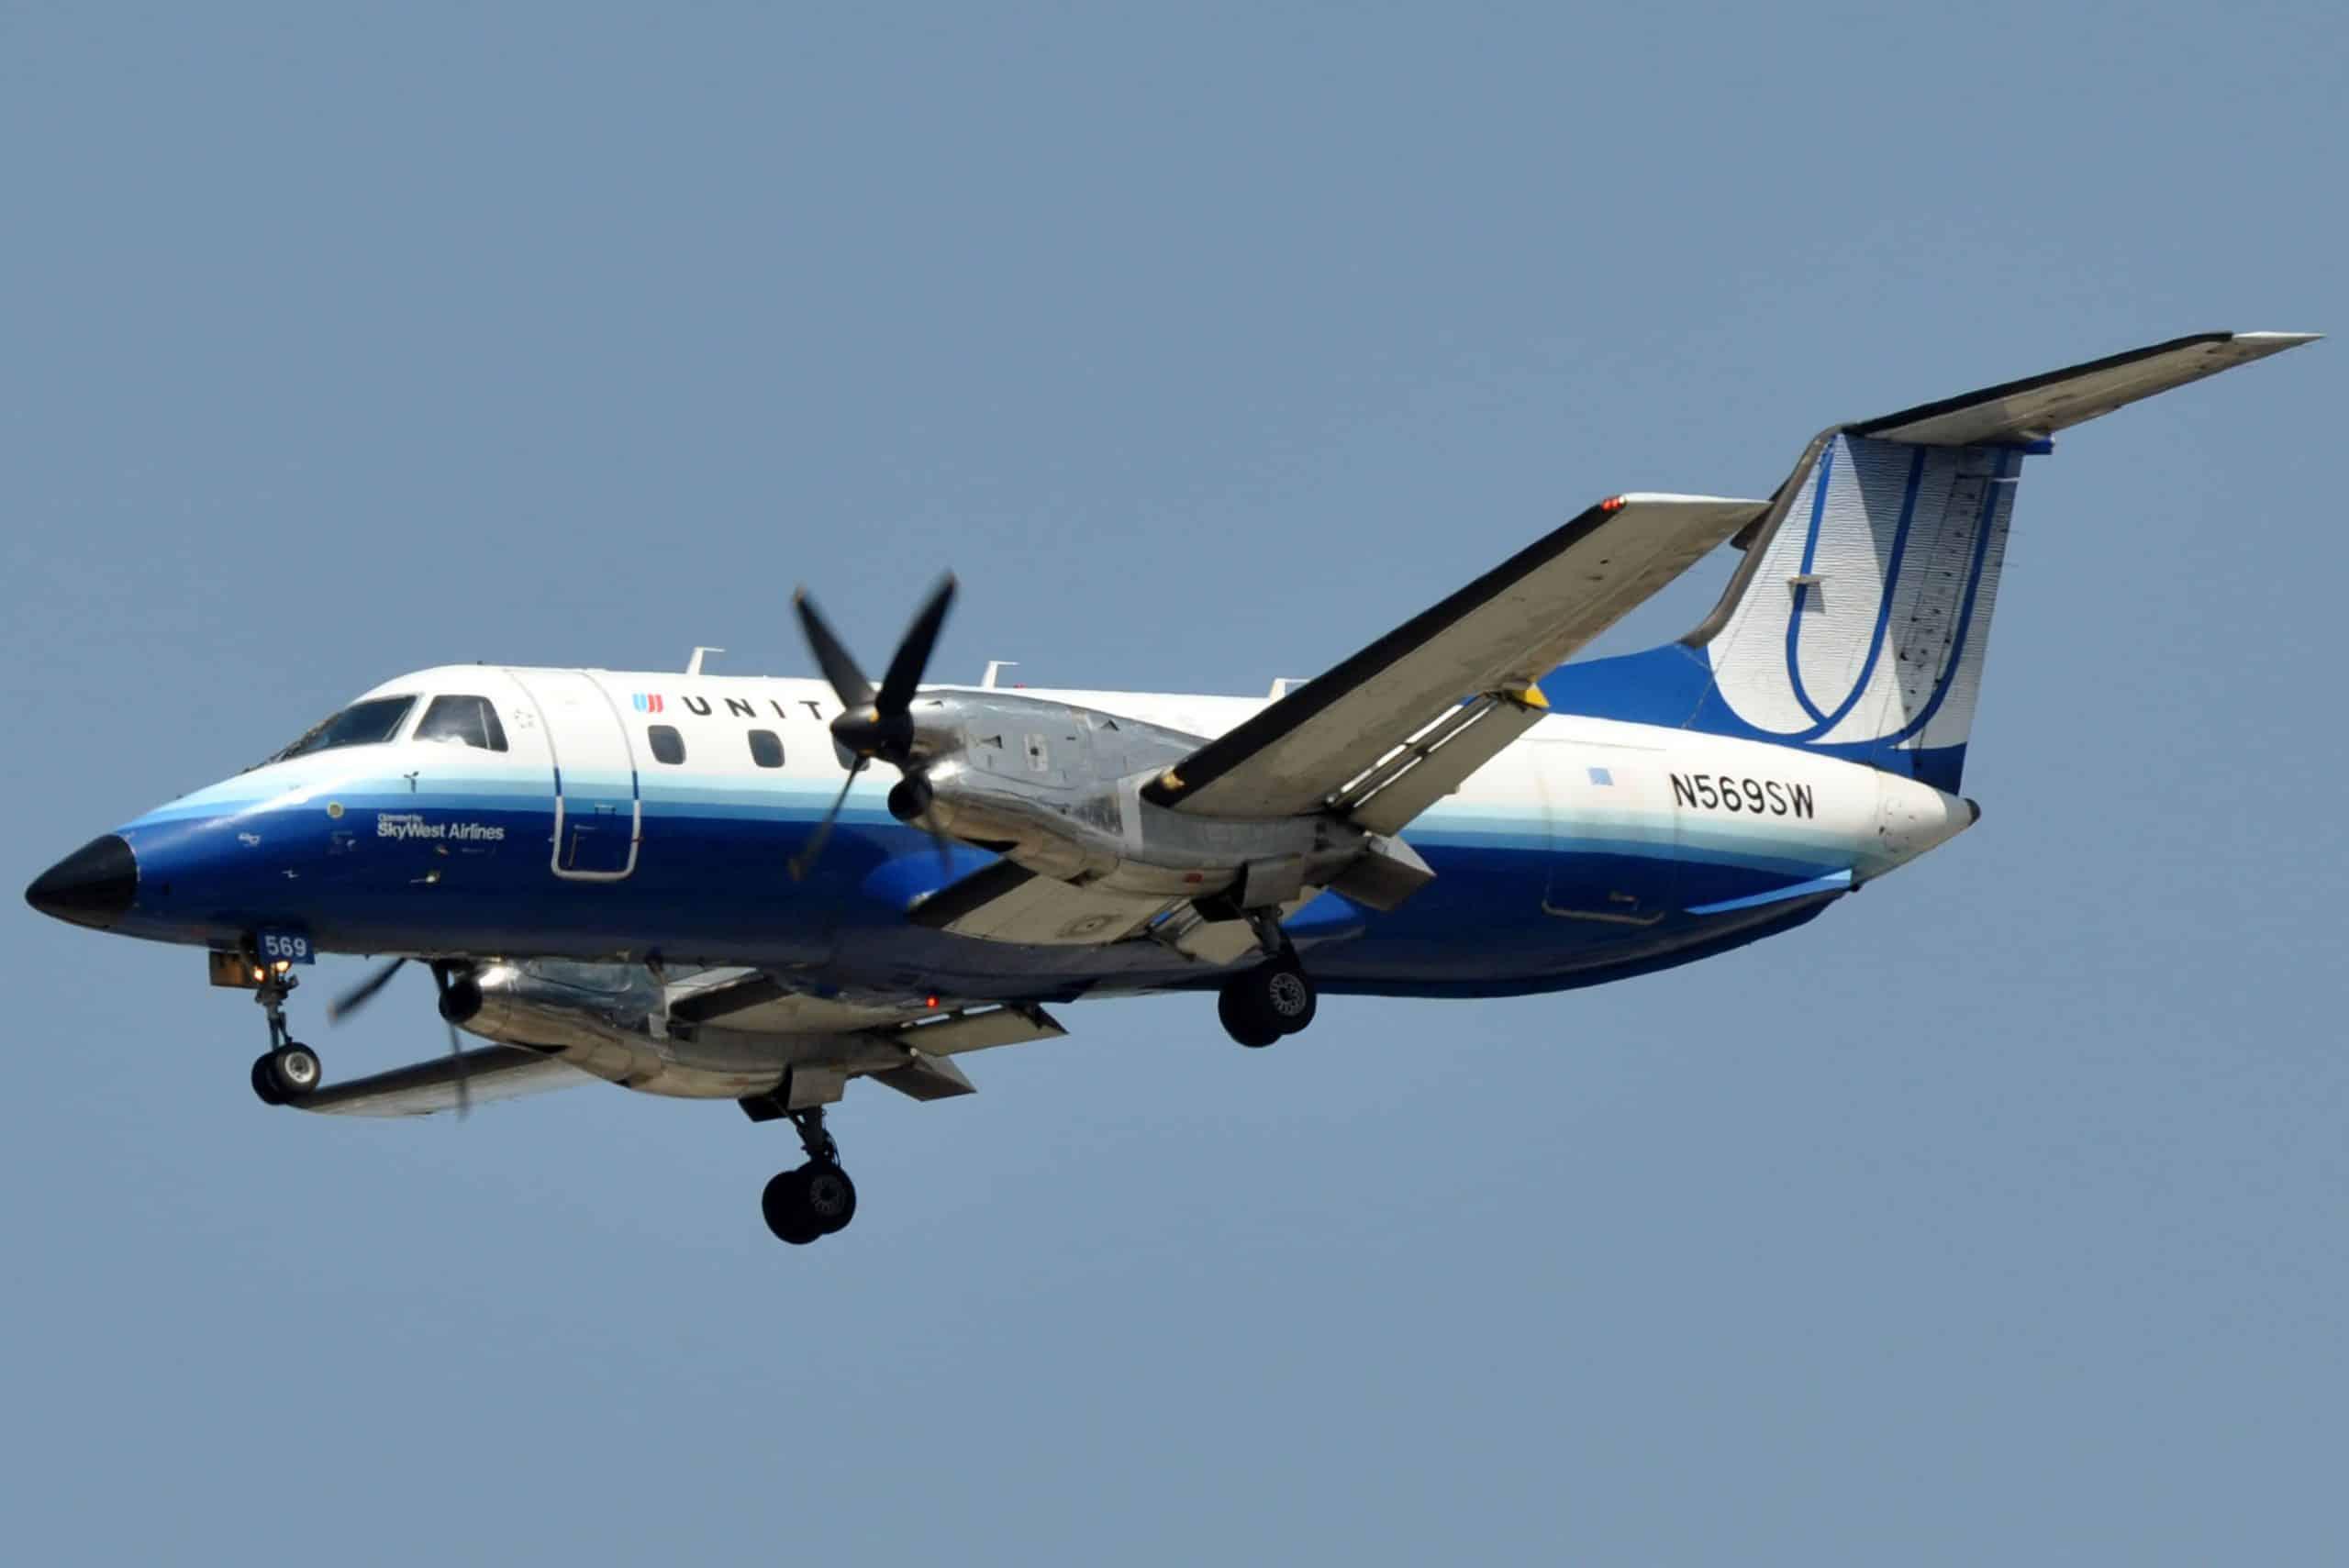 Пасажирський літак Embraer EMB 120 Brasilia